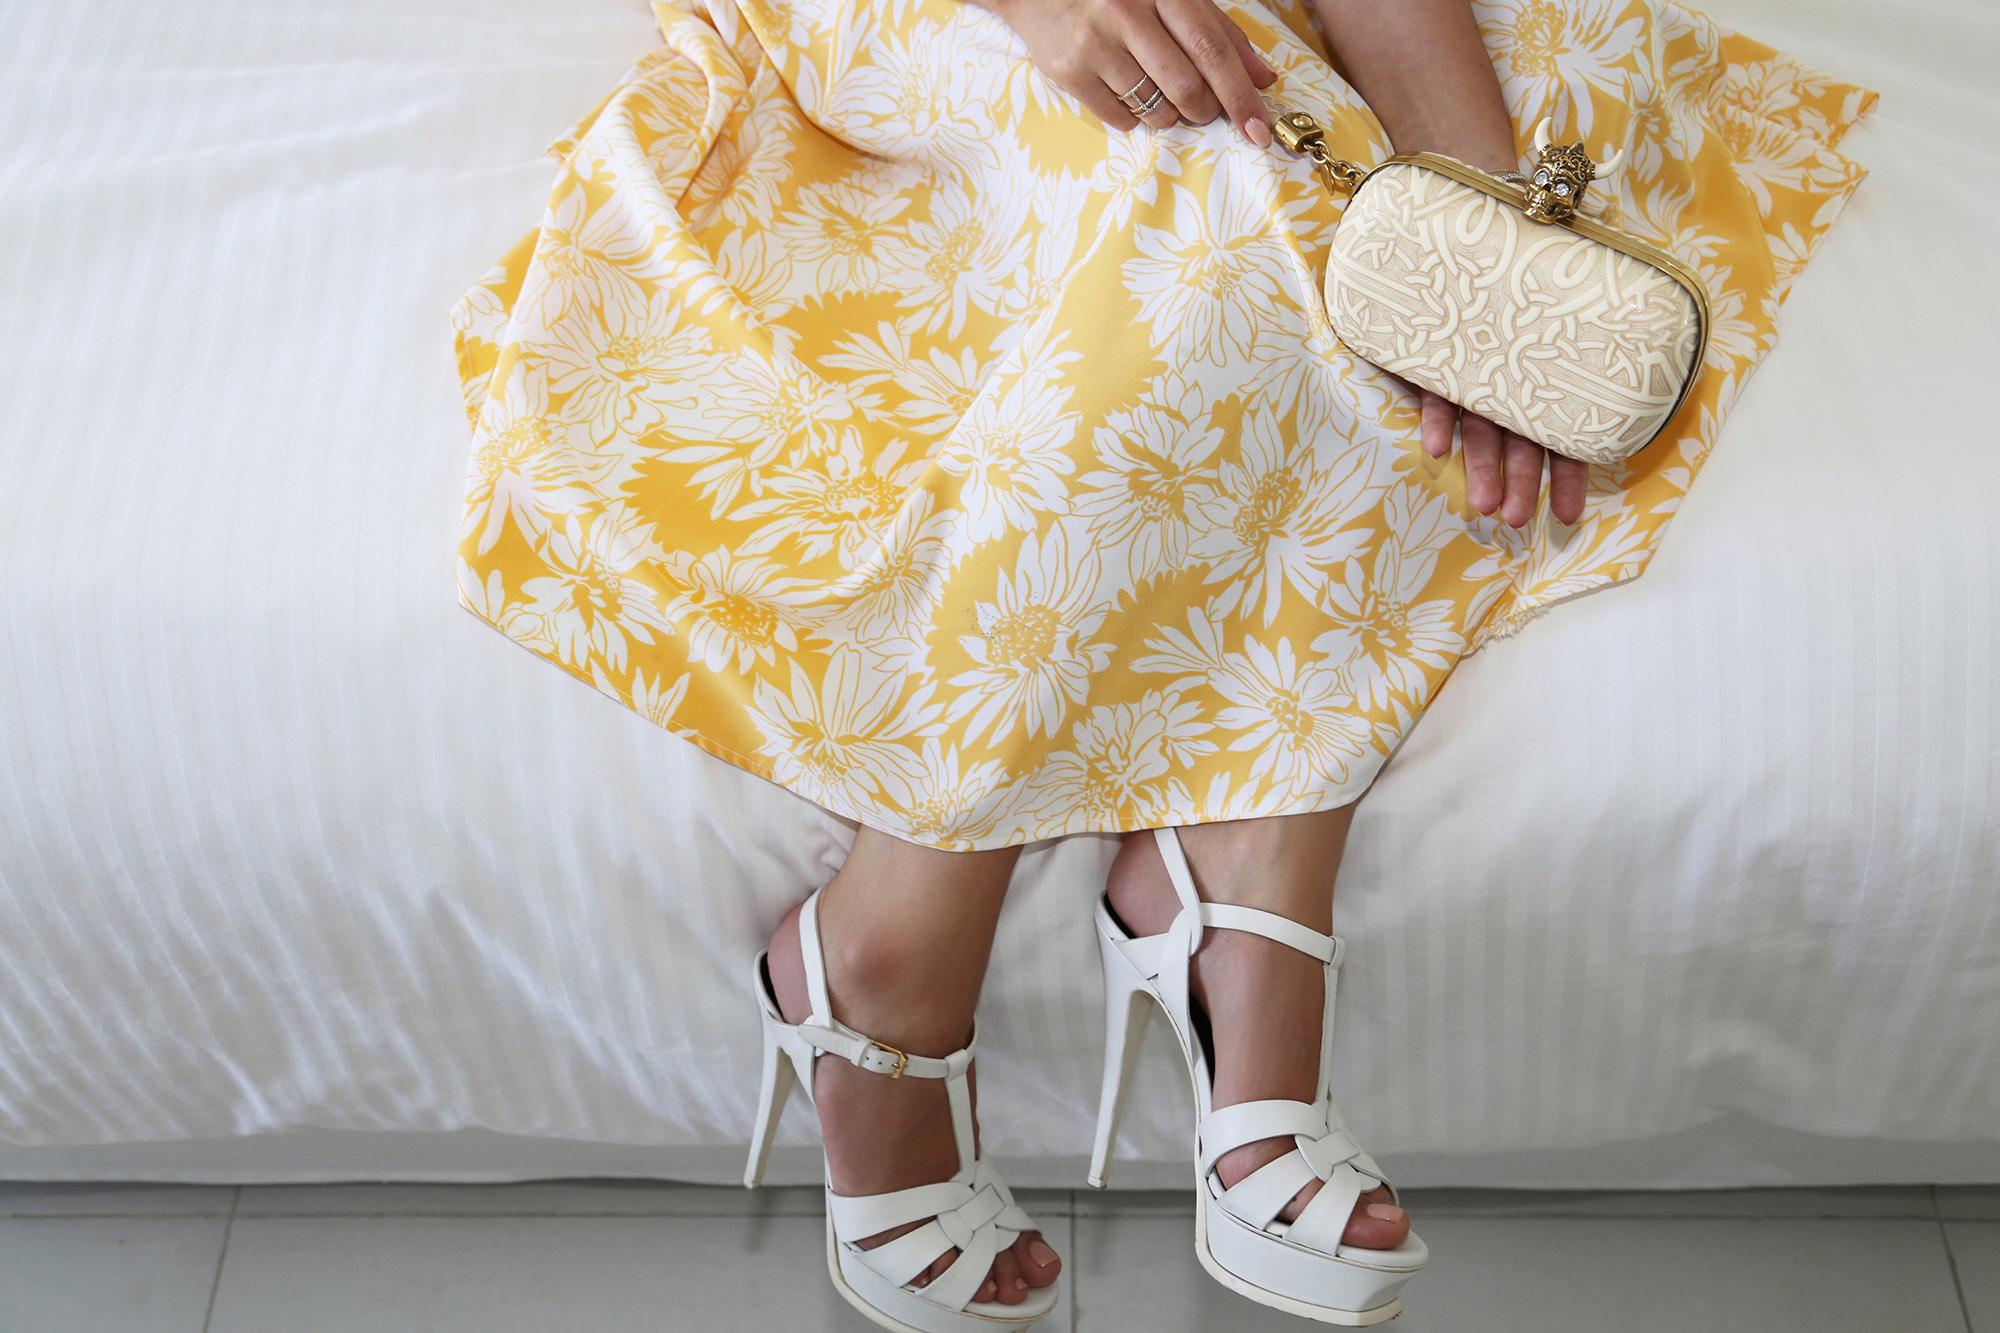 saint laurent tribute sandals and mcqueen clutch